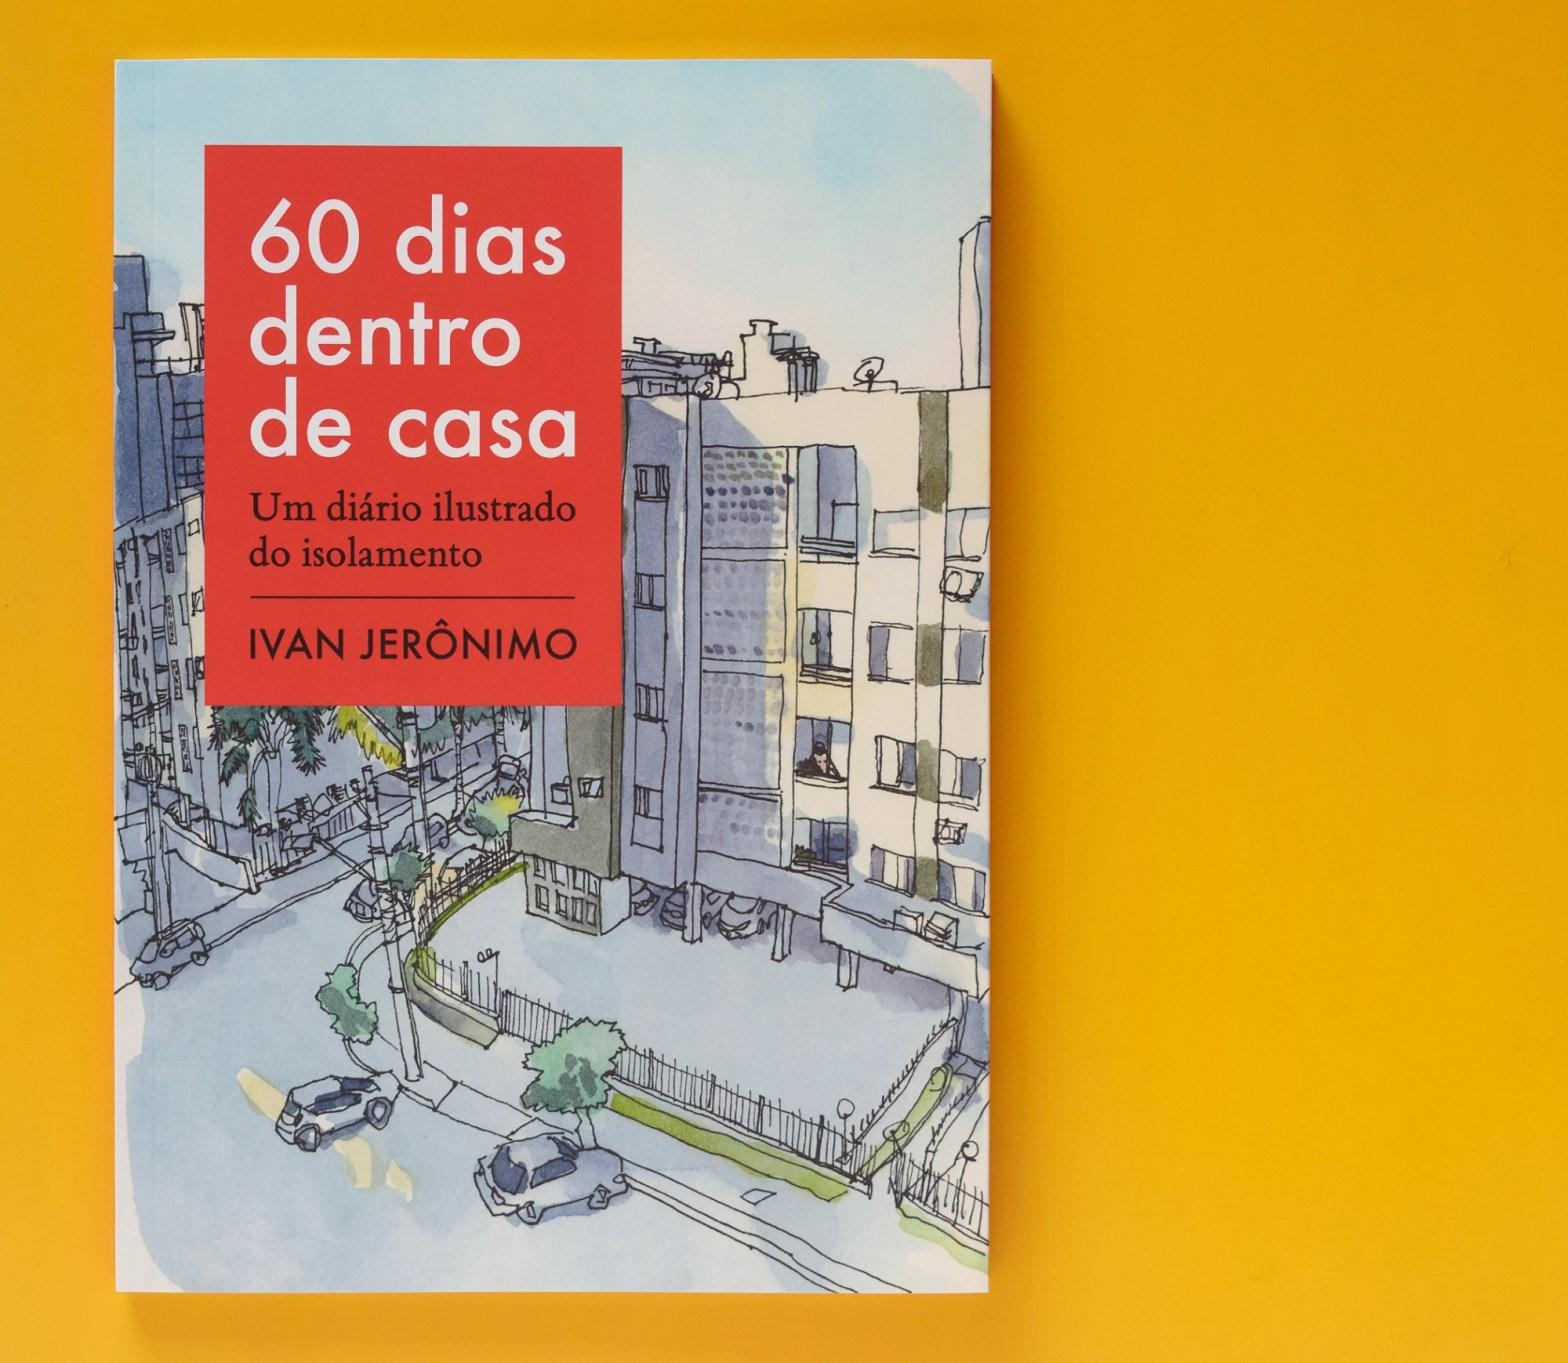 """Livro """"60 dias dentro de casa - Um diário ilustrado do isolamento"""" sobre fundo amarelo"""